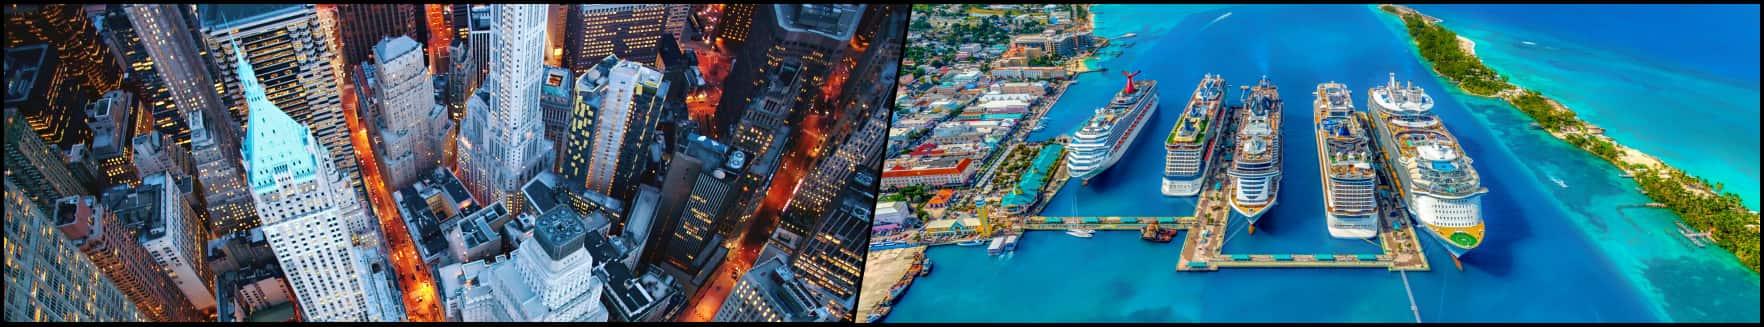 New York - Bahamas